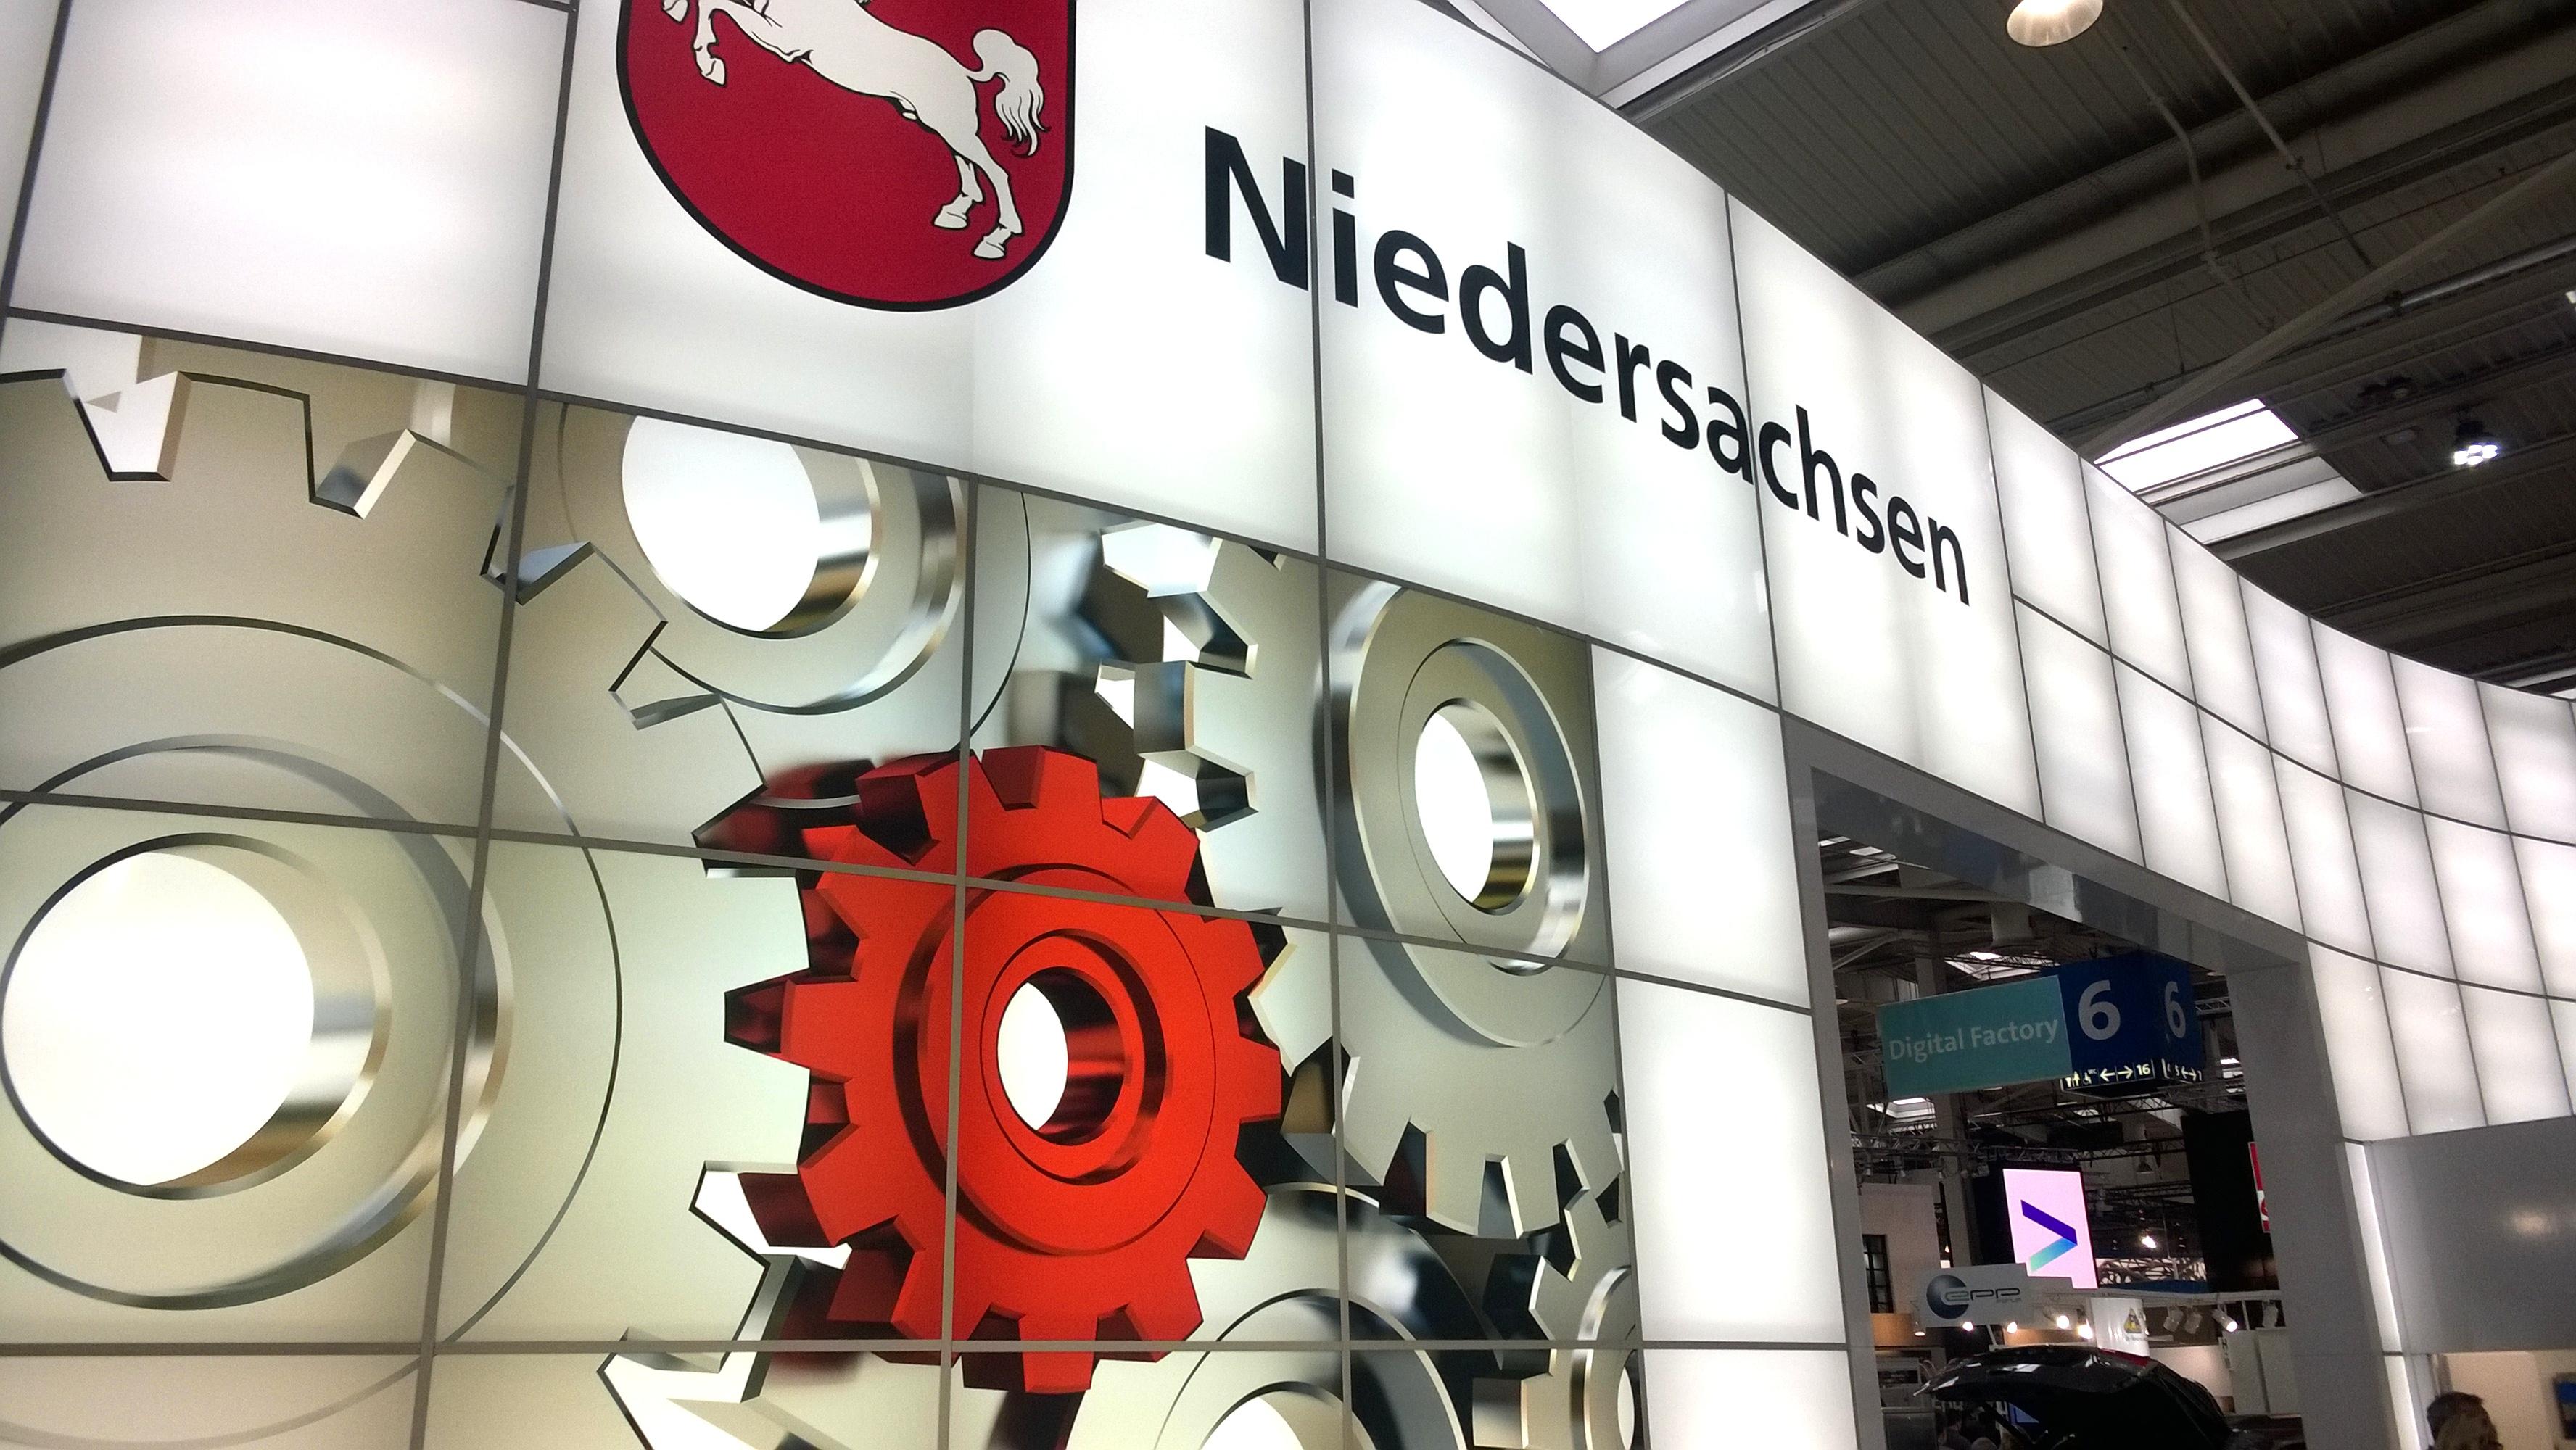 Neues Web-Portal aus Niedersachsen zu Industrie 4.0